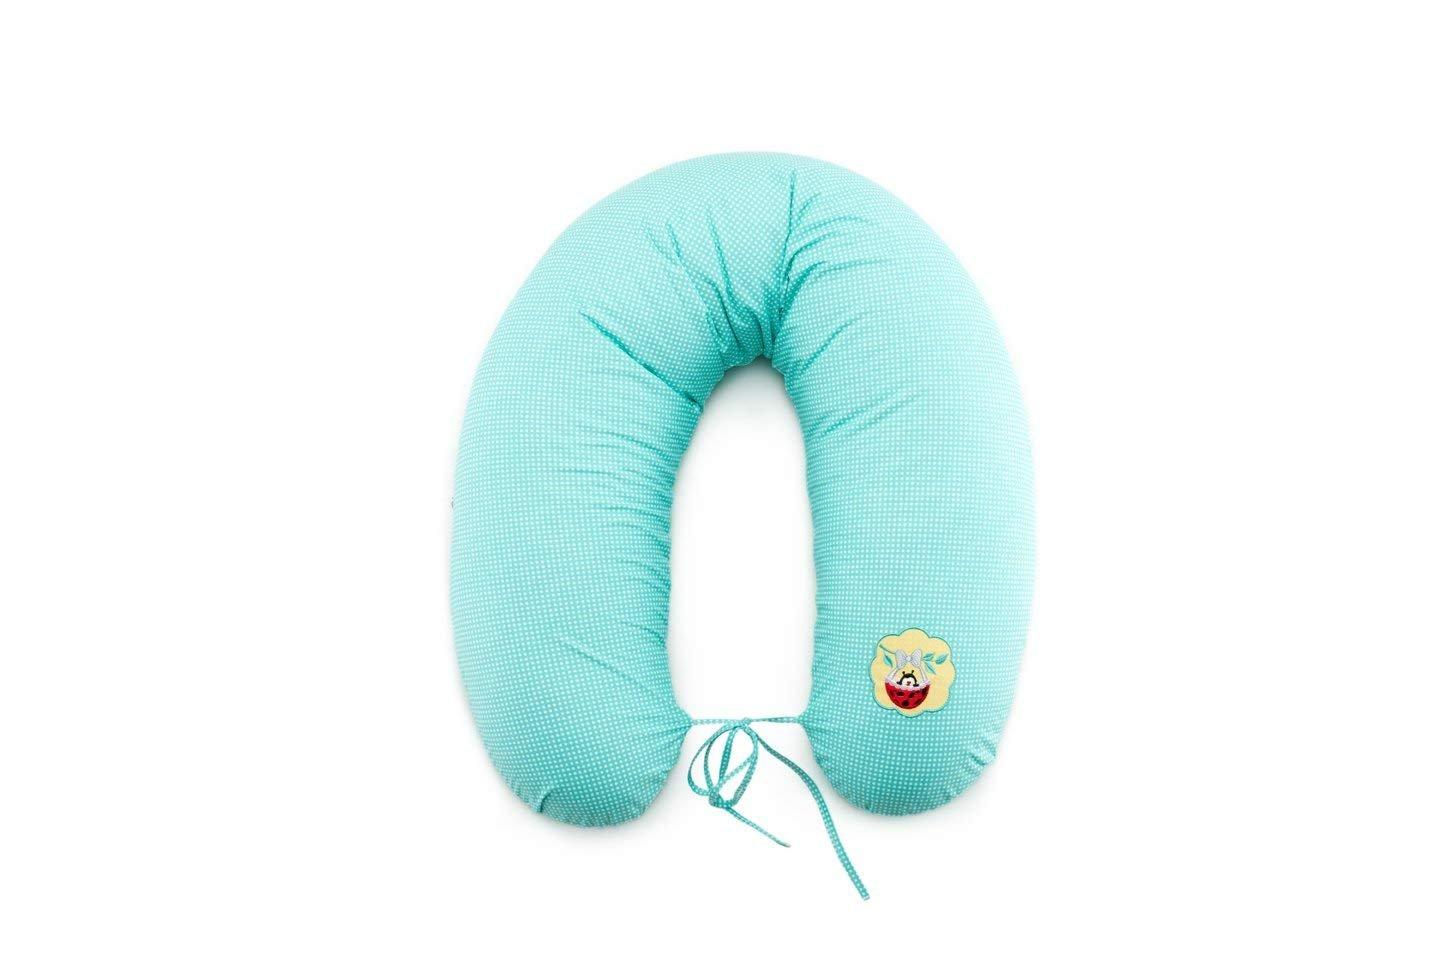 Almohada de enfermería, cojín de lactancia, de calidad, marca SeiDesign 170 x 30 cm, que consiste en el llenado de bolas de fibra - muy suave y cómodo.